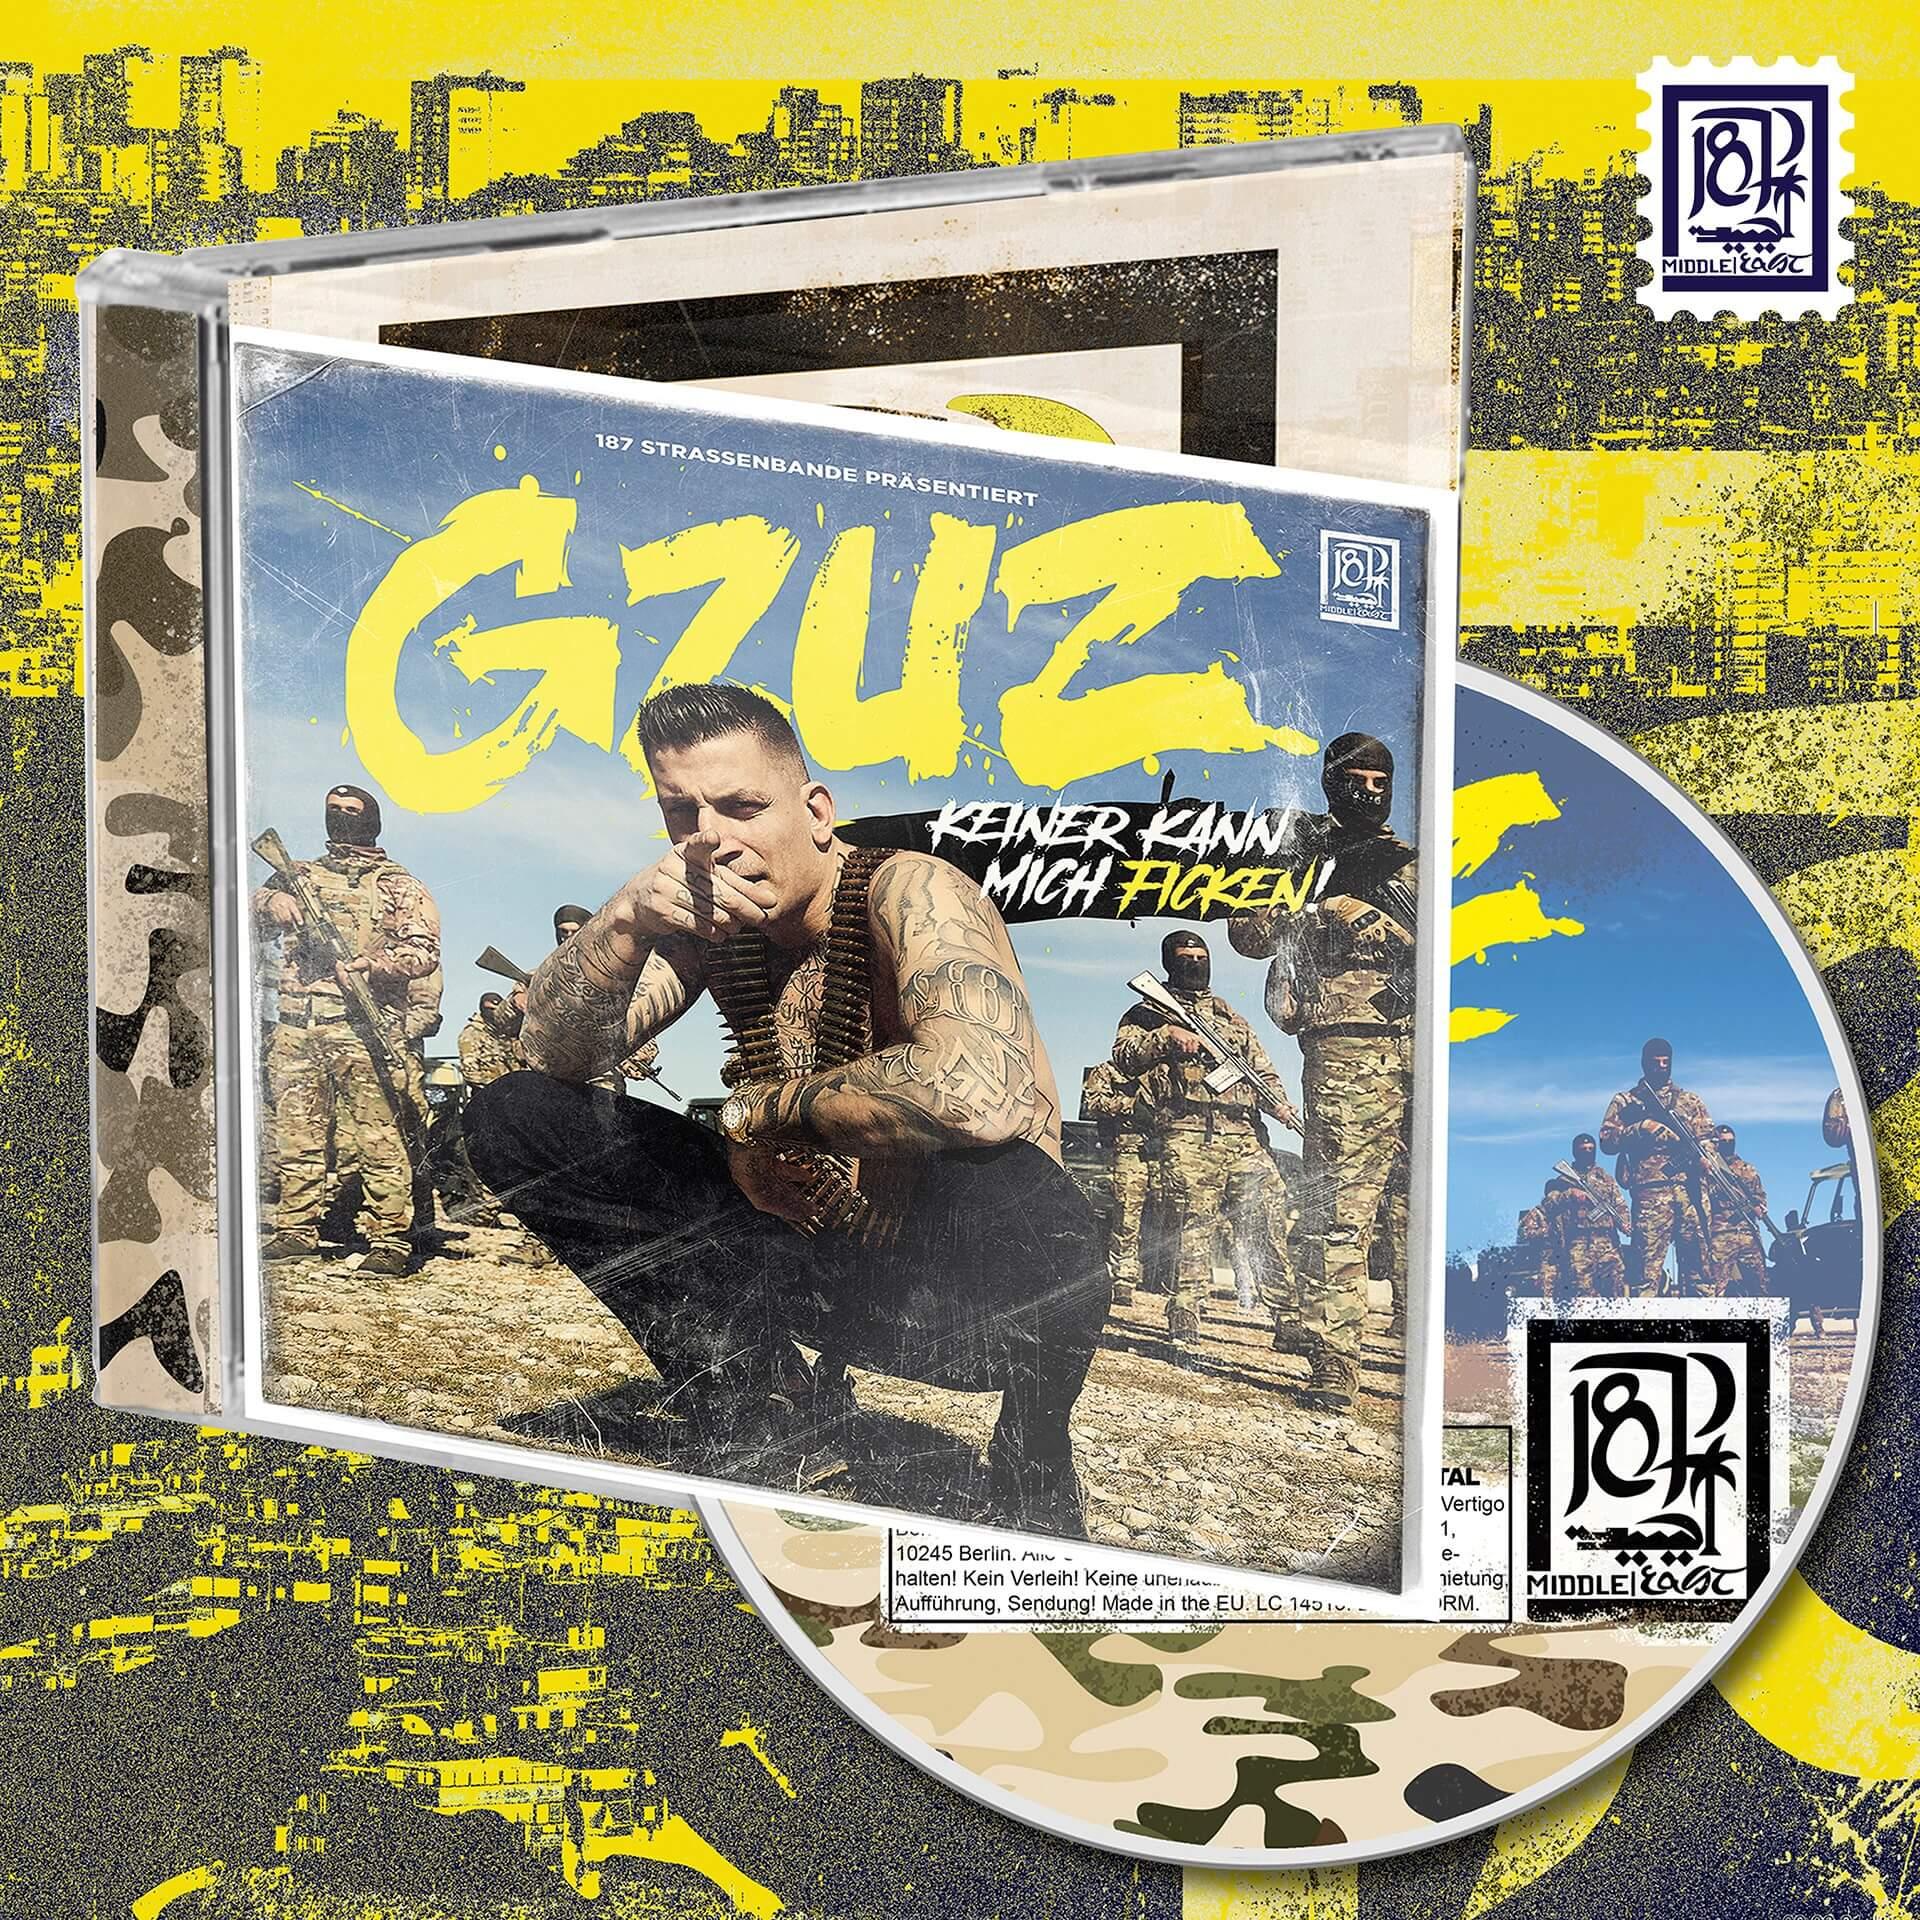 Bravado - Keiner Kann Mich Ficken (CD+ Shirt) - Gzuz